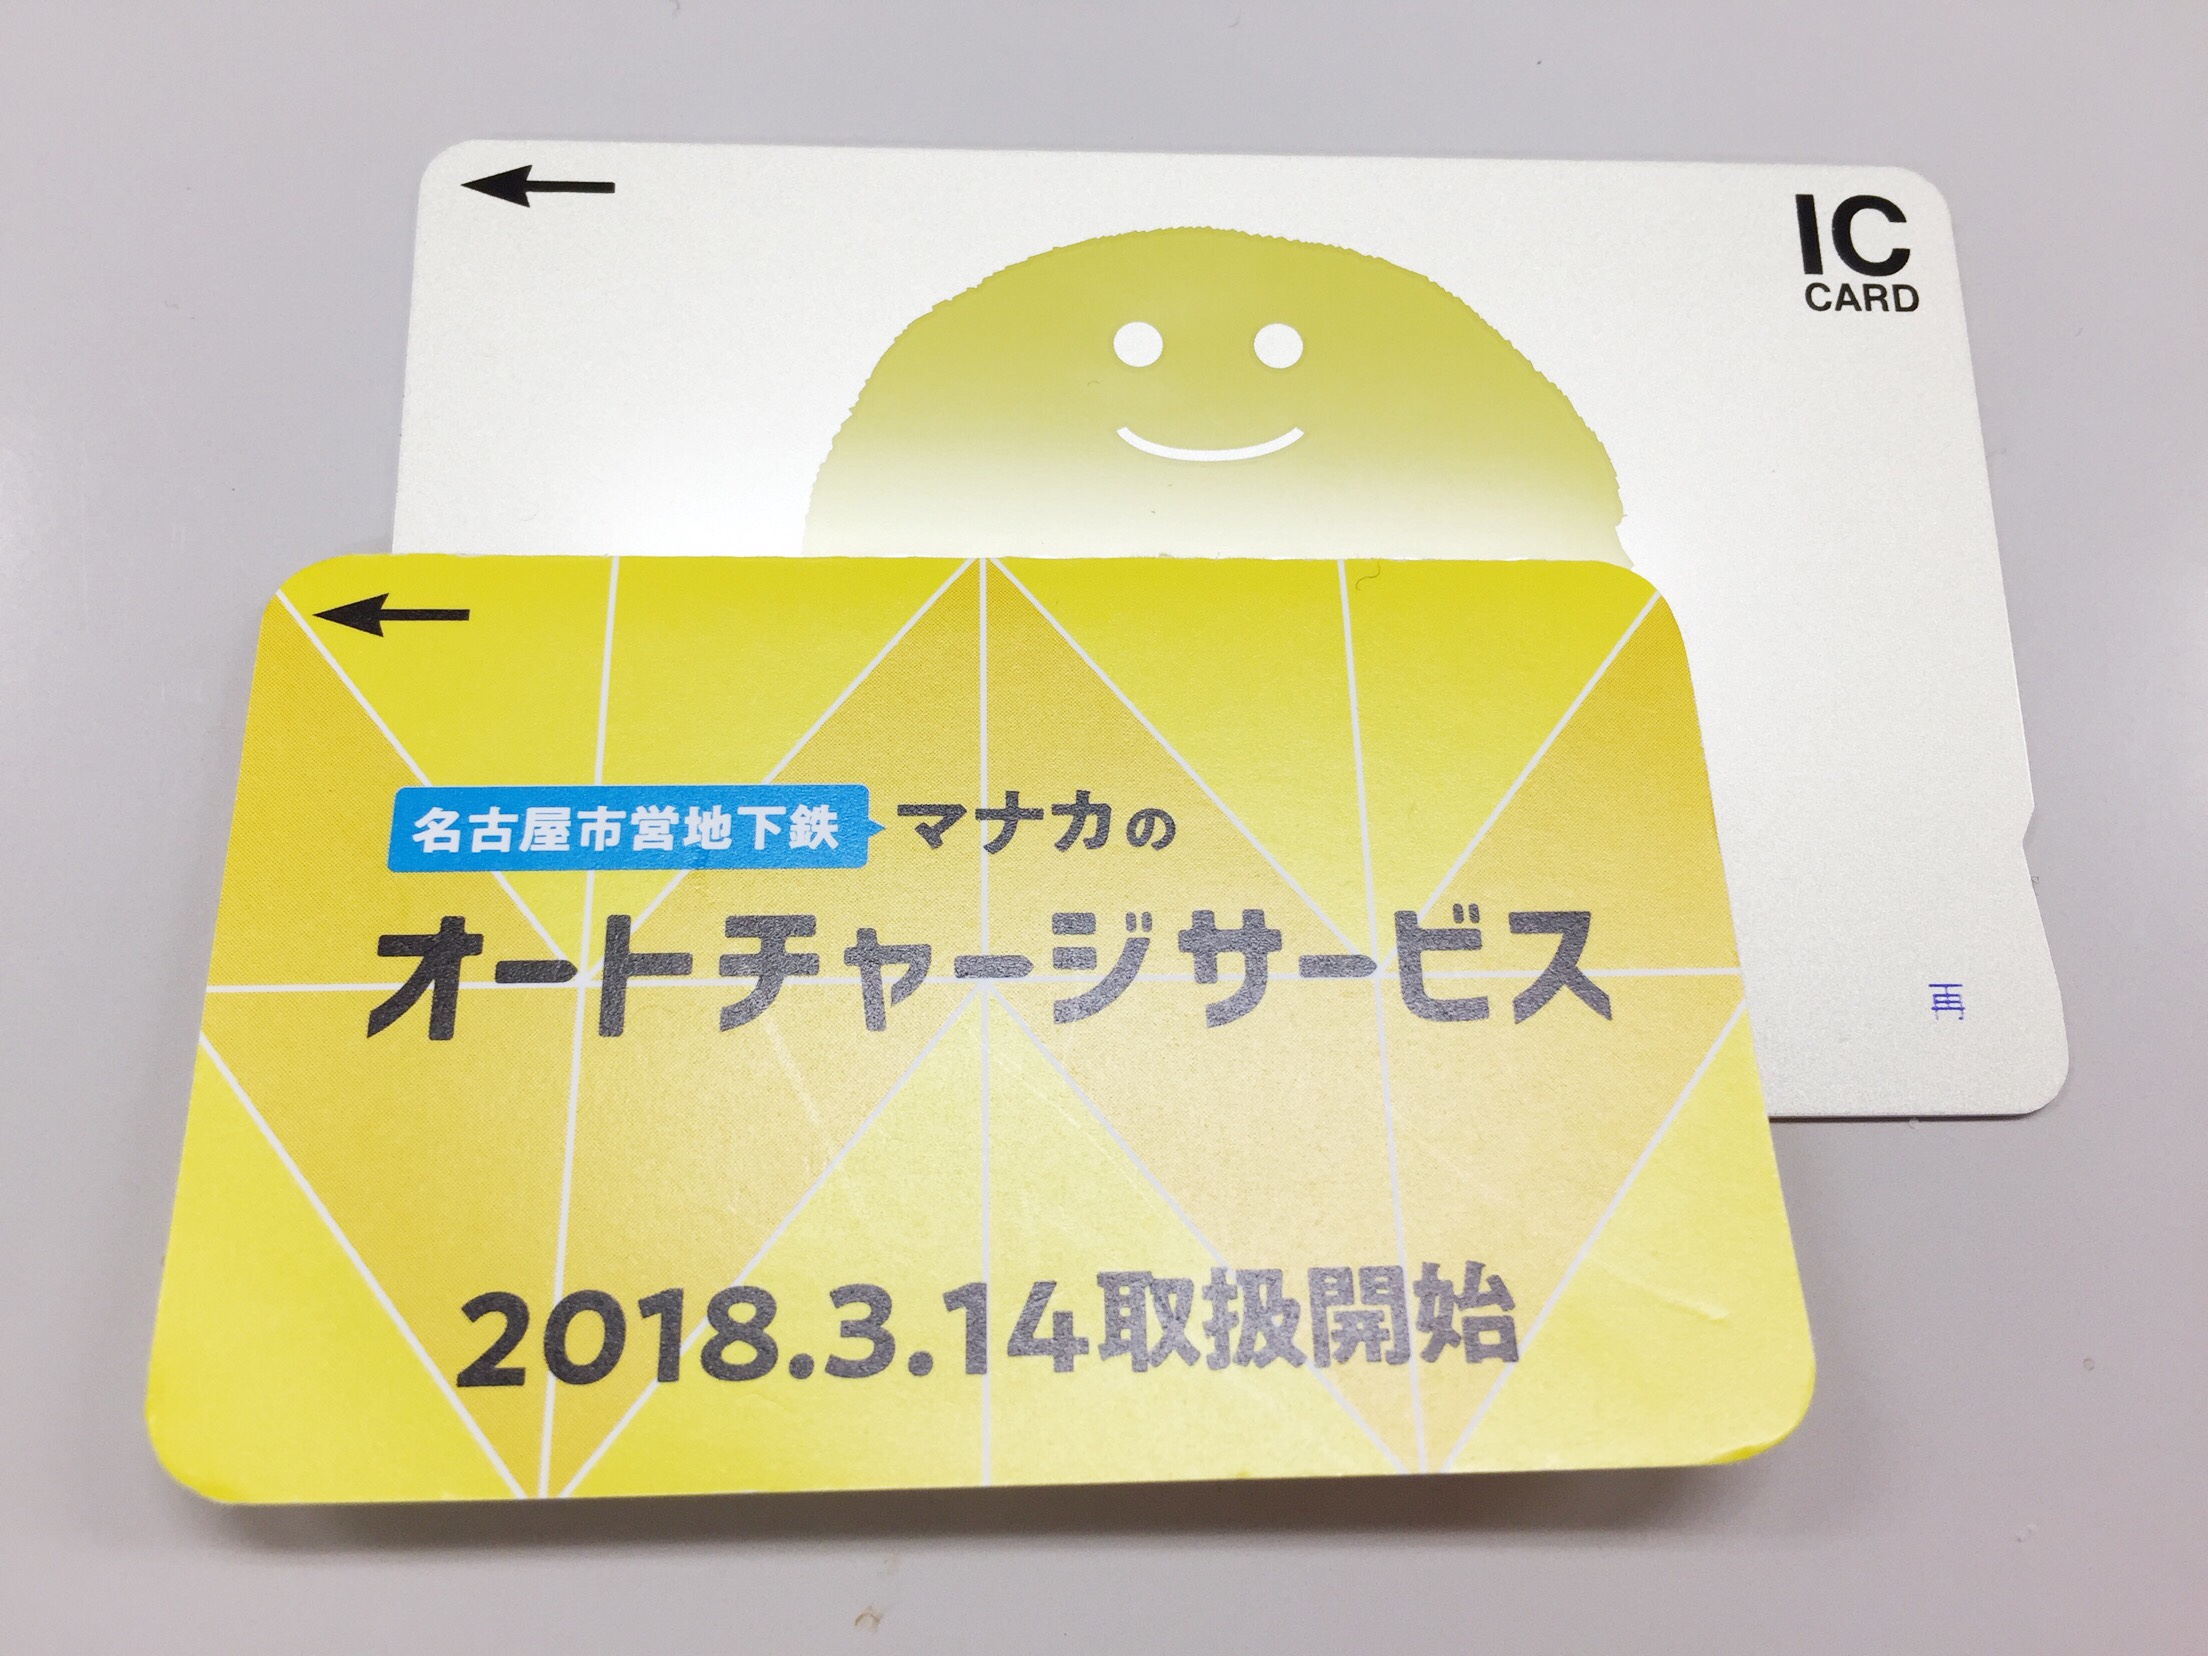 マナカオートチャージ告知カード